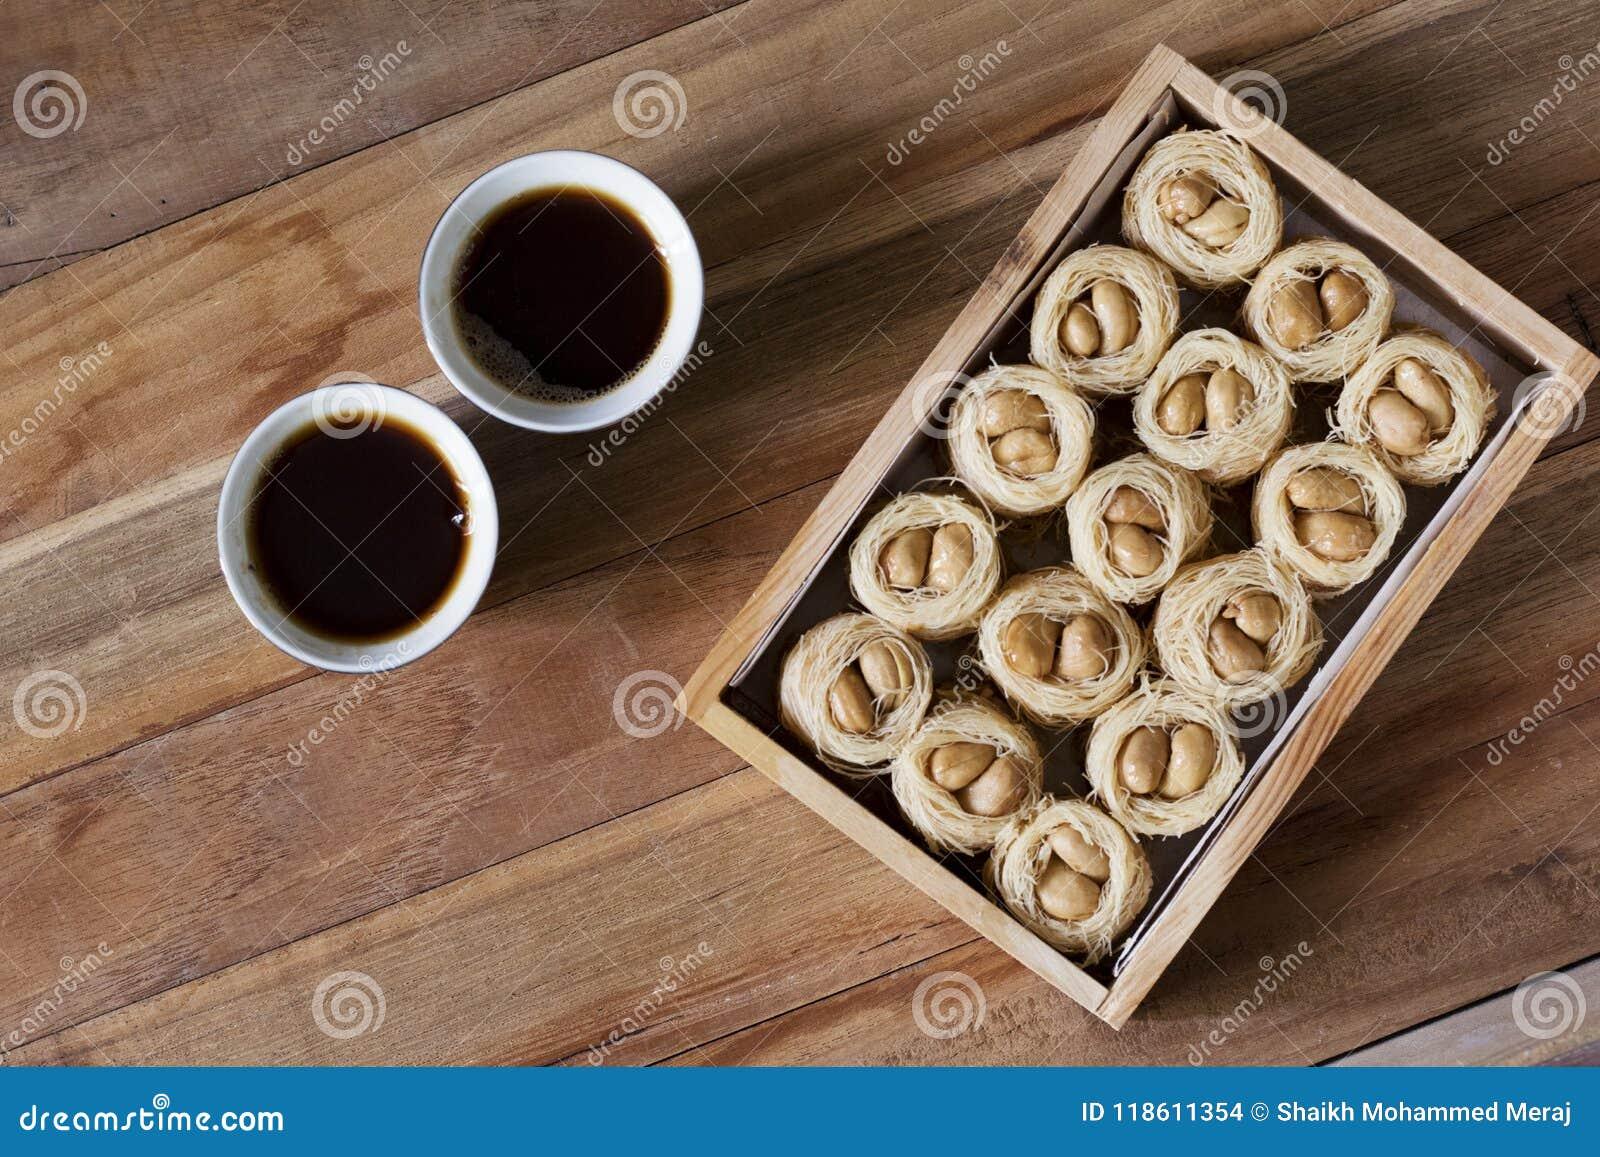 Knafeh do ninho do Bulbul - um bolbol doce do Oriente Médio do EL do aysh do prato e um café árabe Qahwah com fundo de madeira